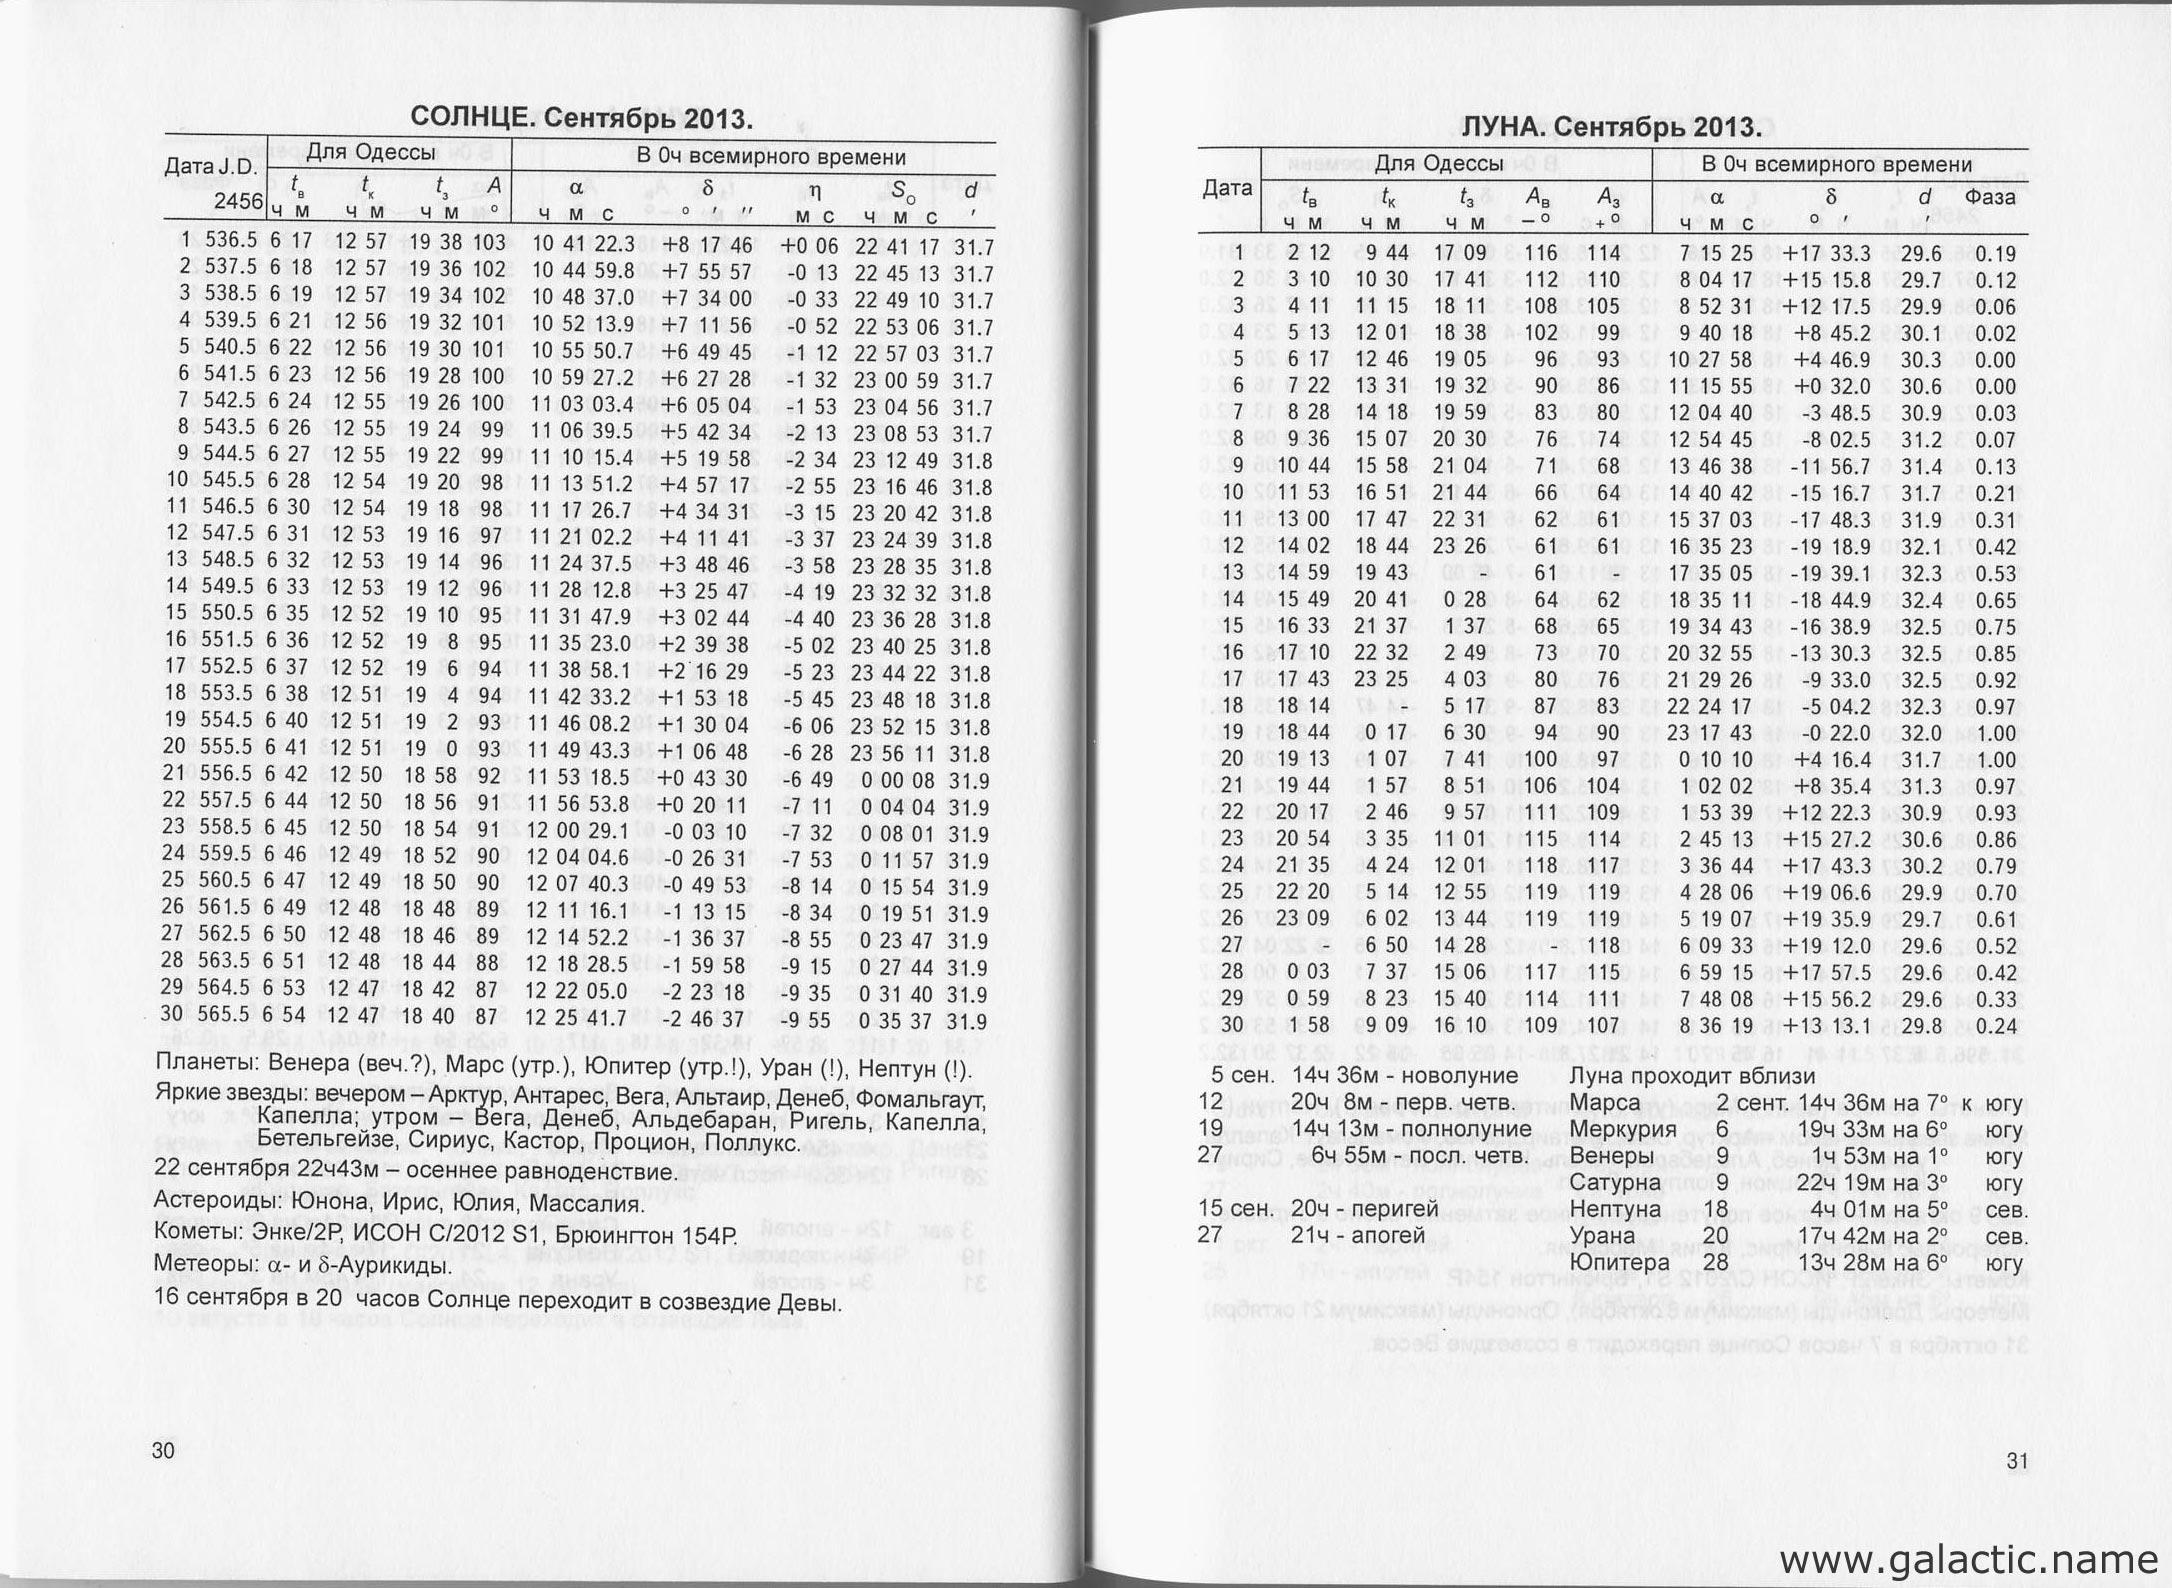 лунный календарь на 2013 год февраль: